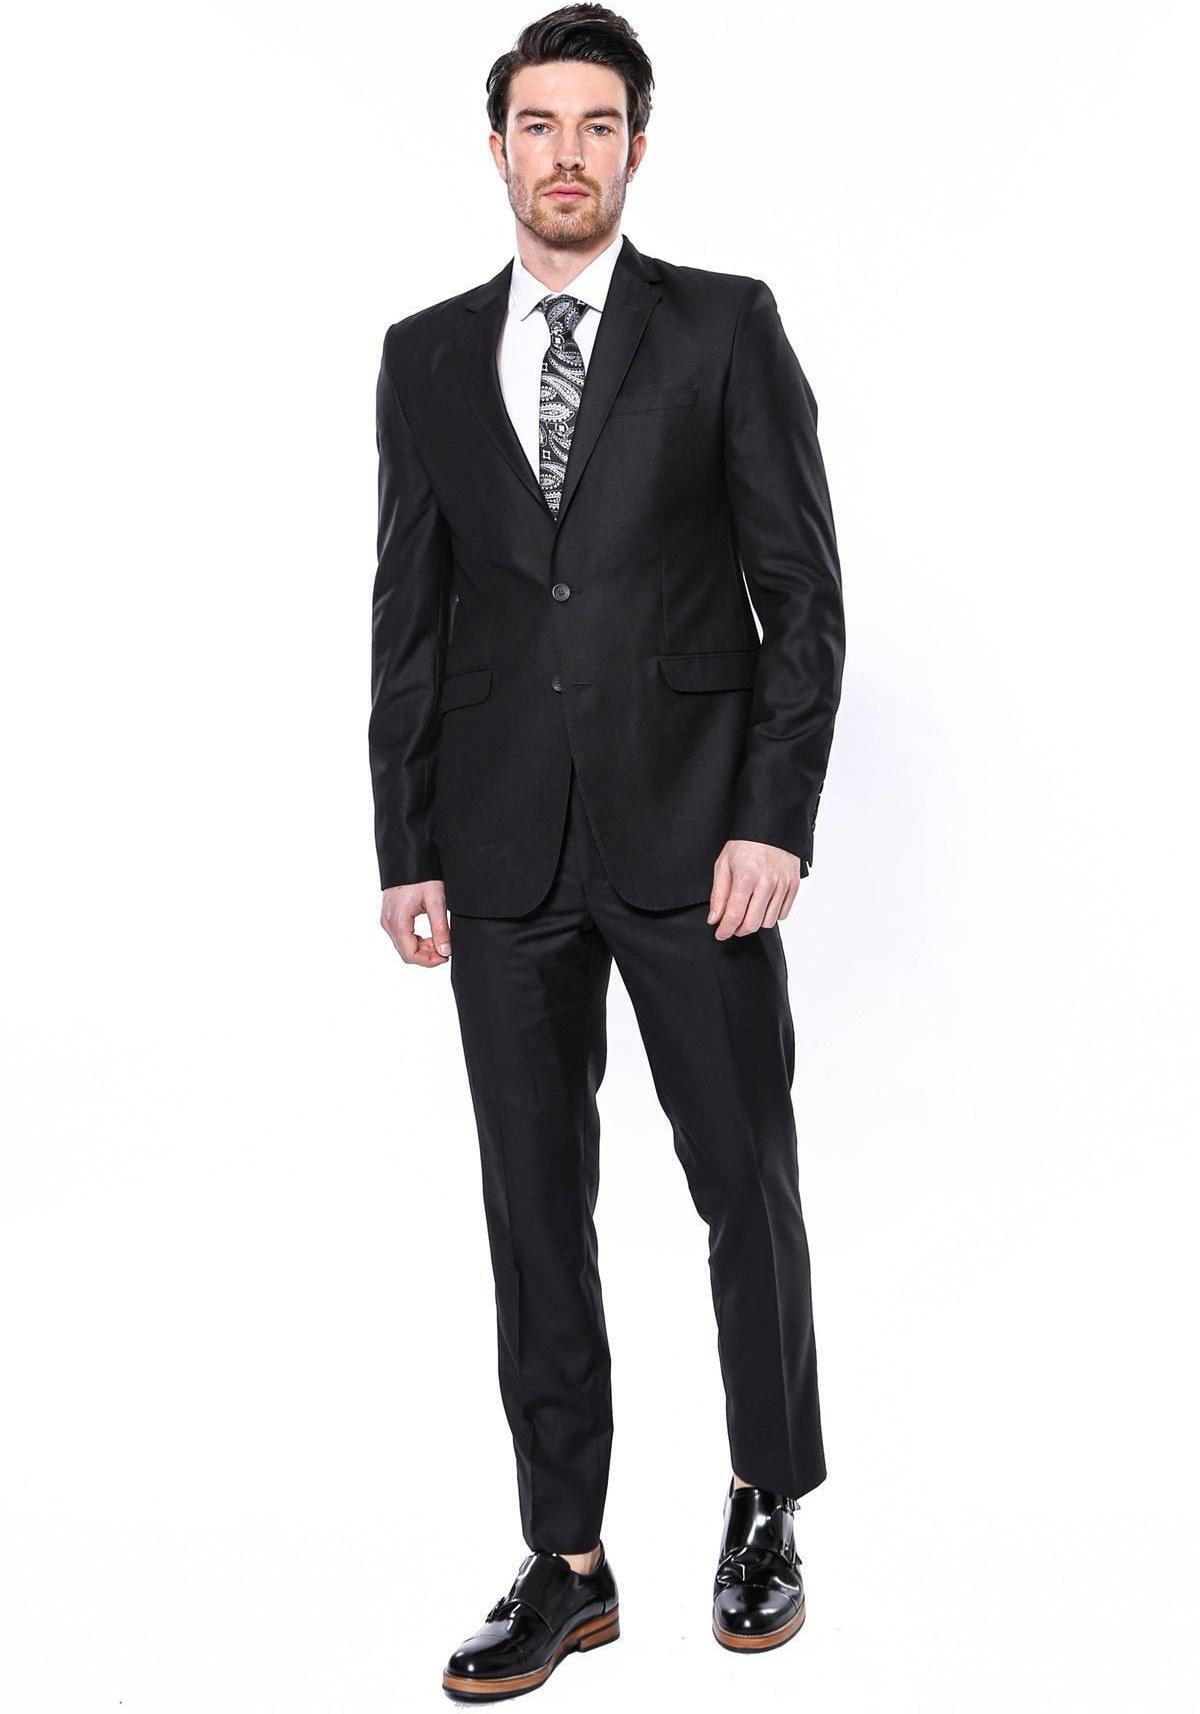 تصویر کت شلوار مردانه ارزان برند ویسی رنگ مشکی کد ty85894795